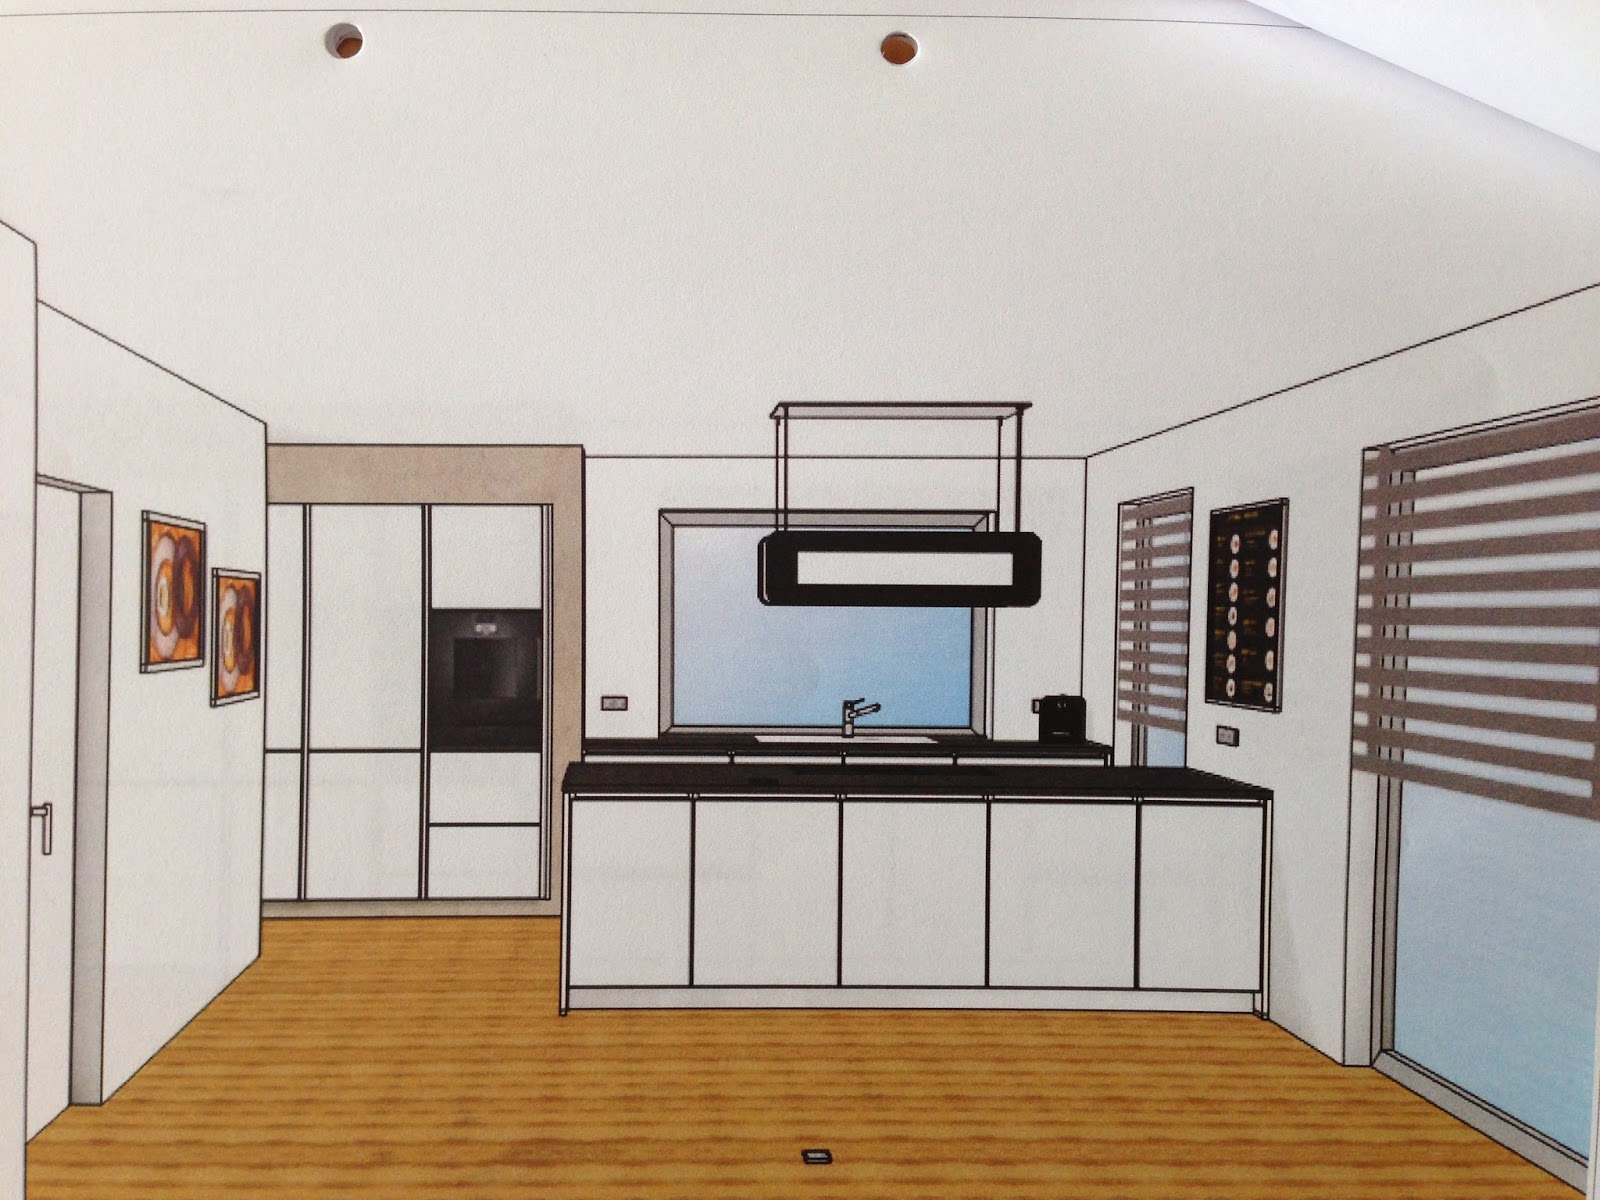 bauen mit b denbender k chenplanung. Black Bedroom Furniture Sets. Home Design Ideas